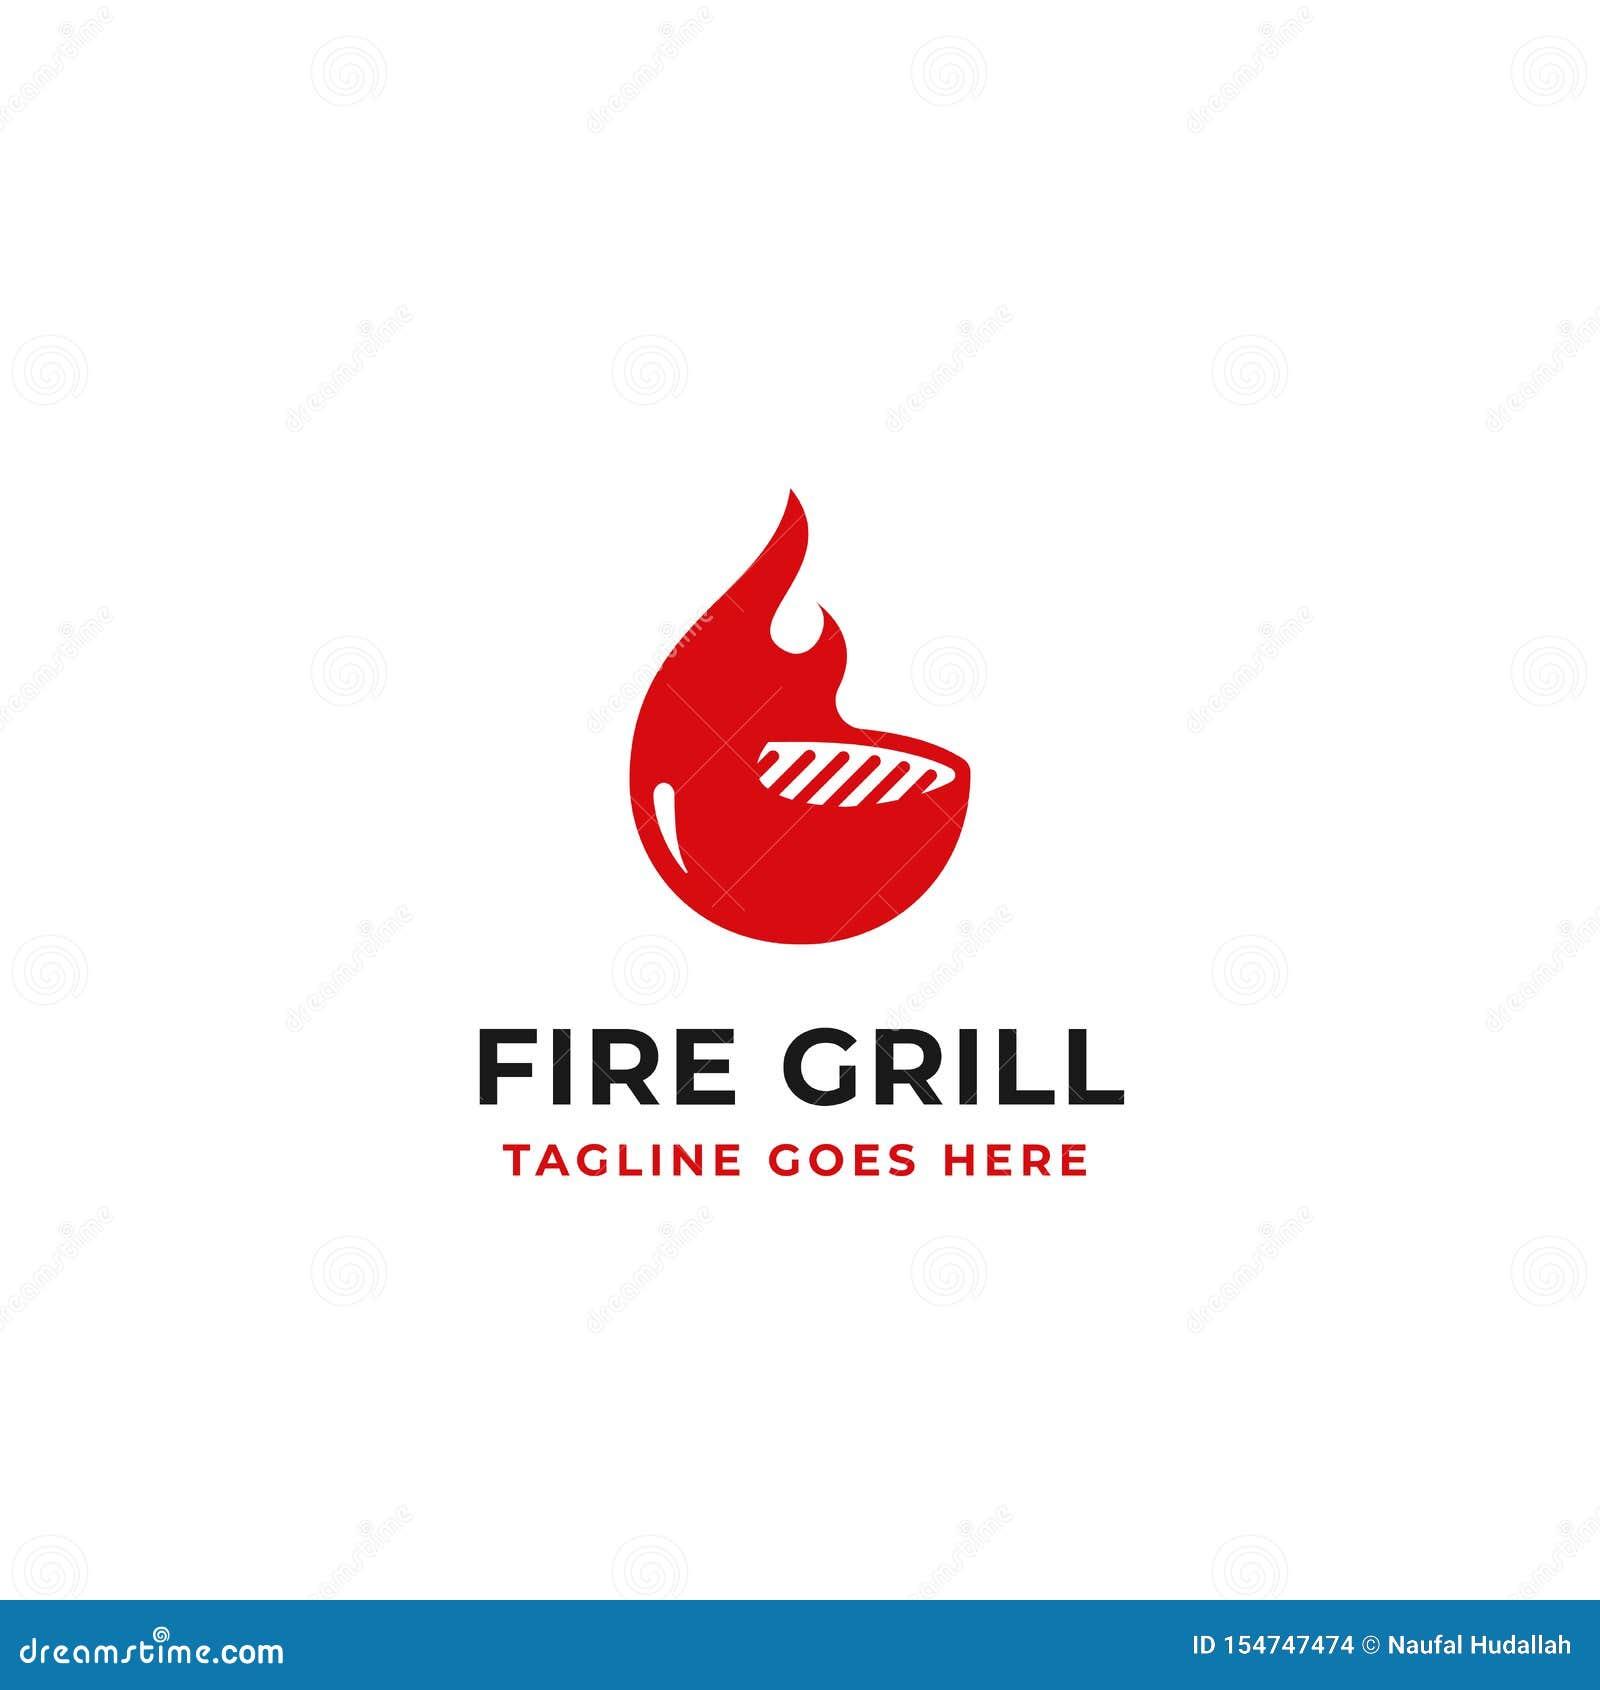 Pożarniczy grilla logo projekt dla wołowina gatunku tożsamości pojęcia wektoru restauracyjnej ilustracji